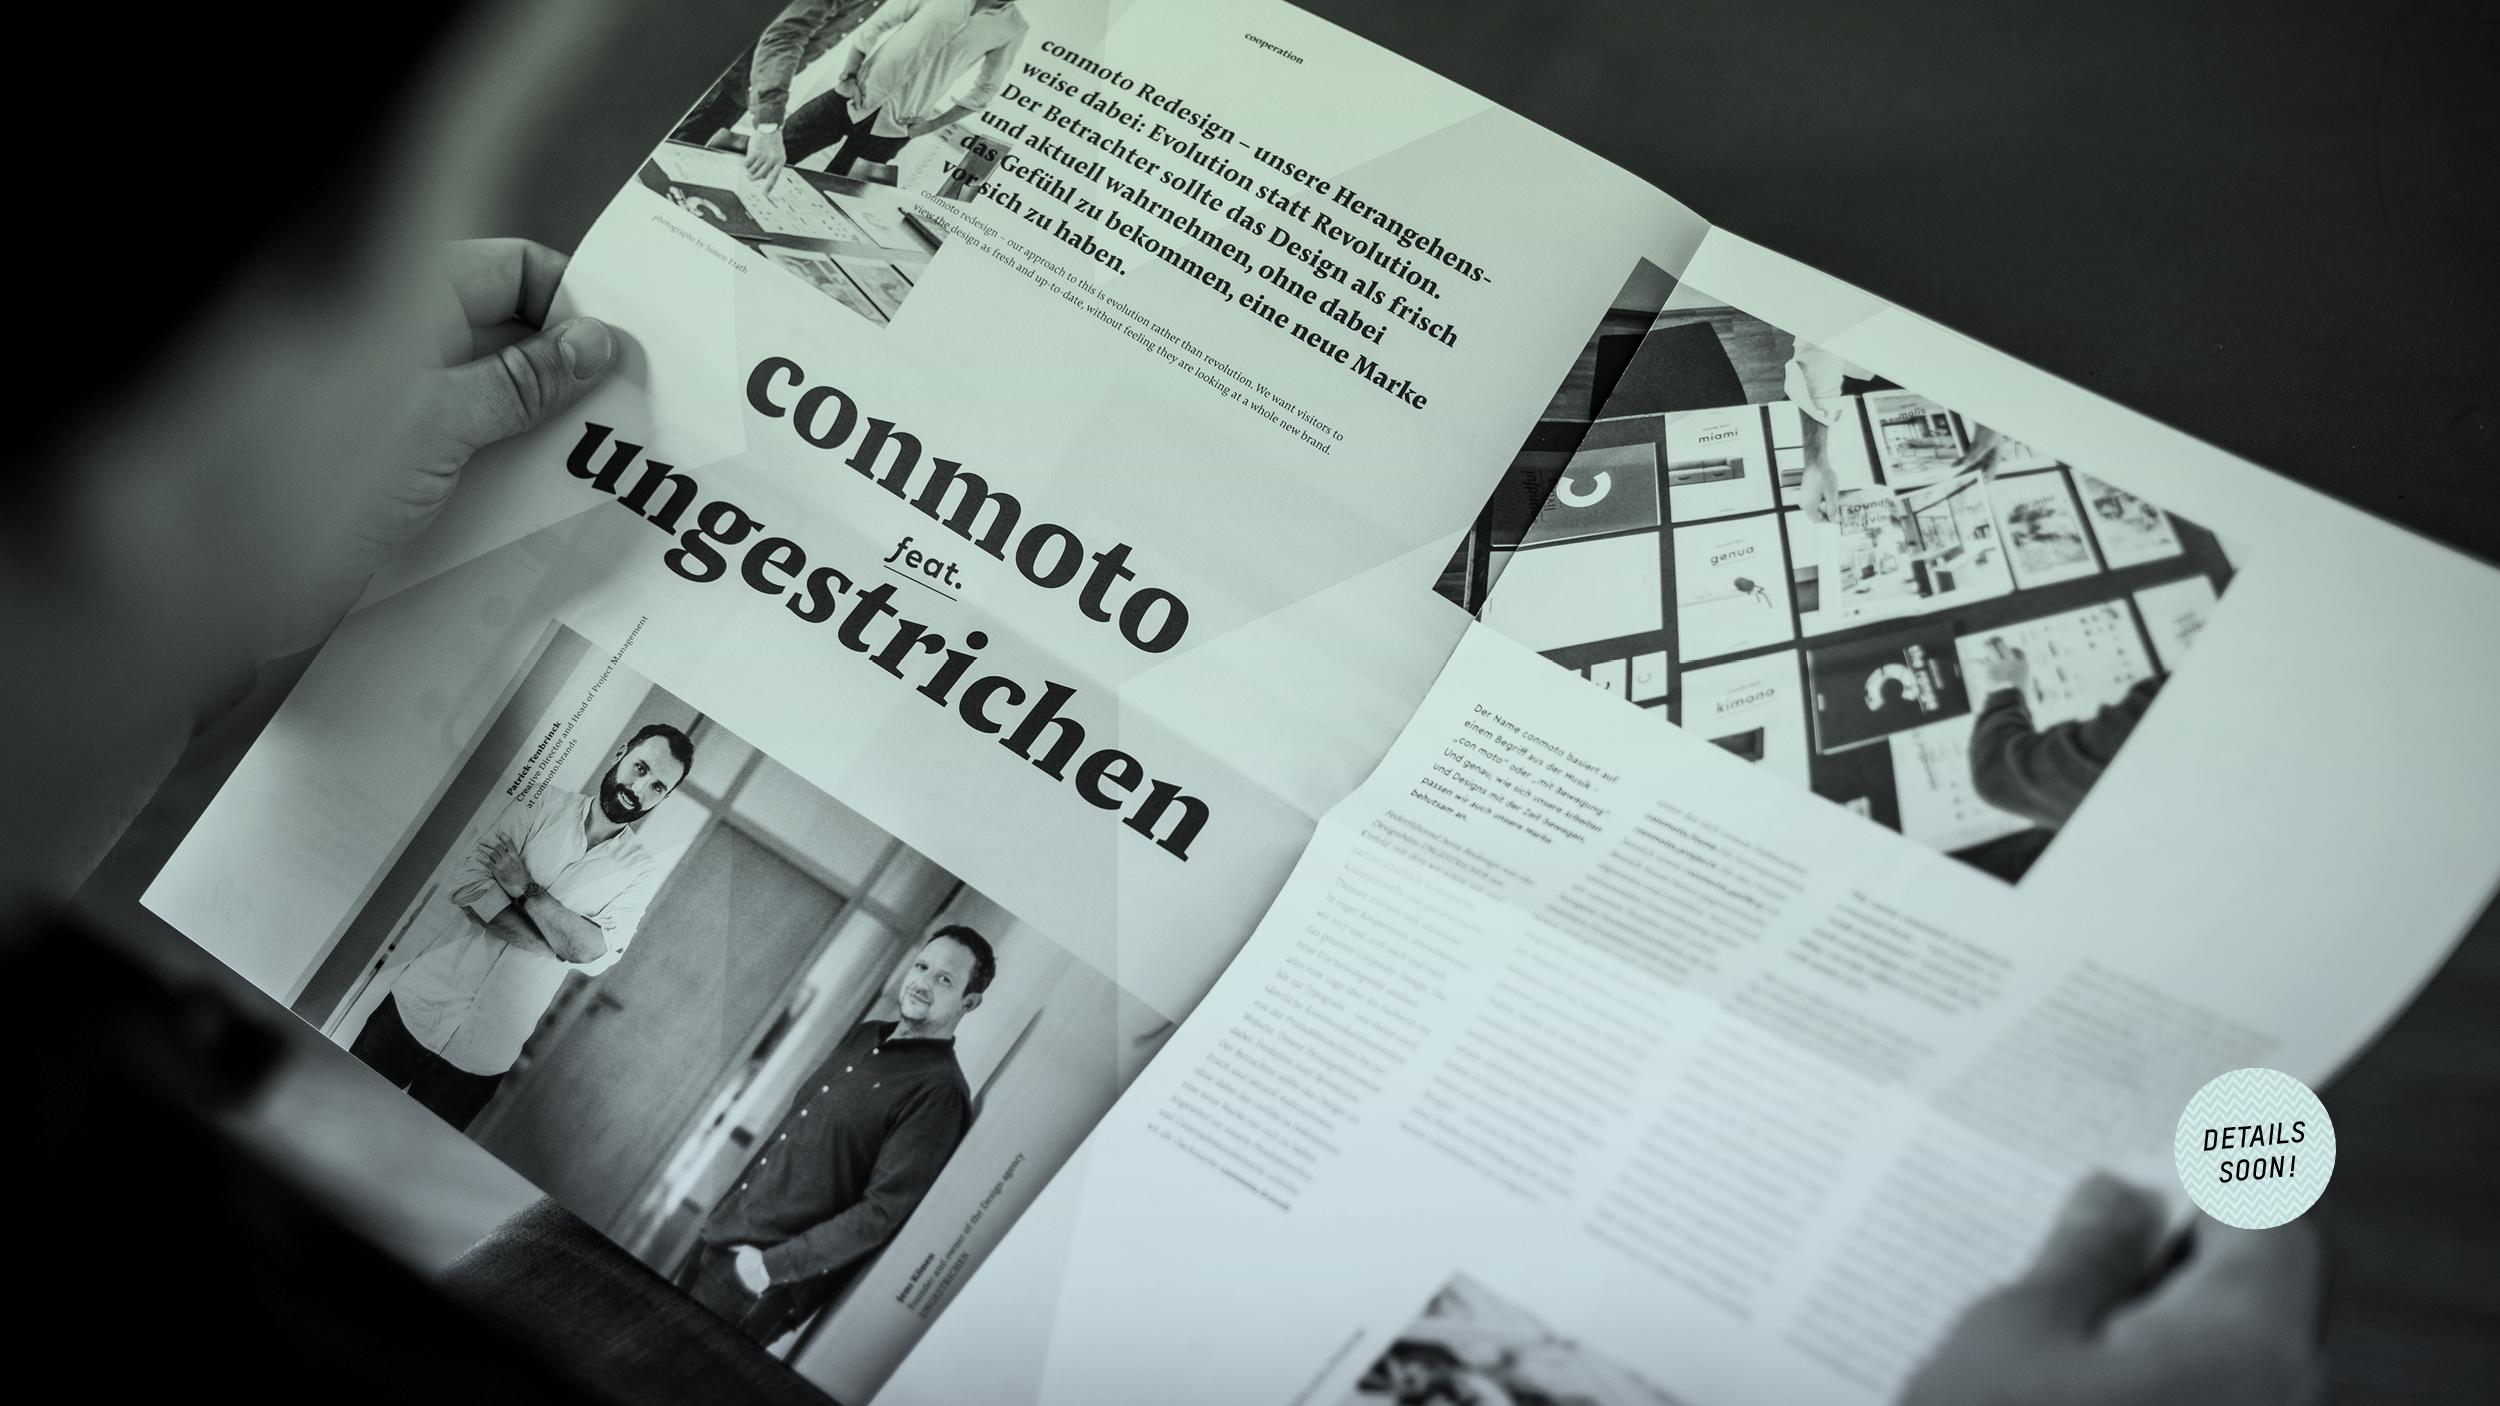 UNGESTRICHEN Buero fuer Kommunikationsdesign_start_kooperation_UNGESTRICHEN im neuen conmoto magazin backstage_01.jpg